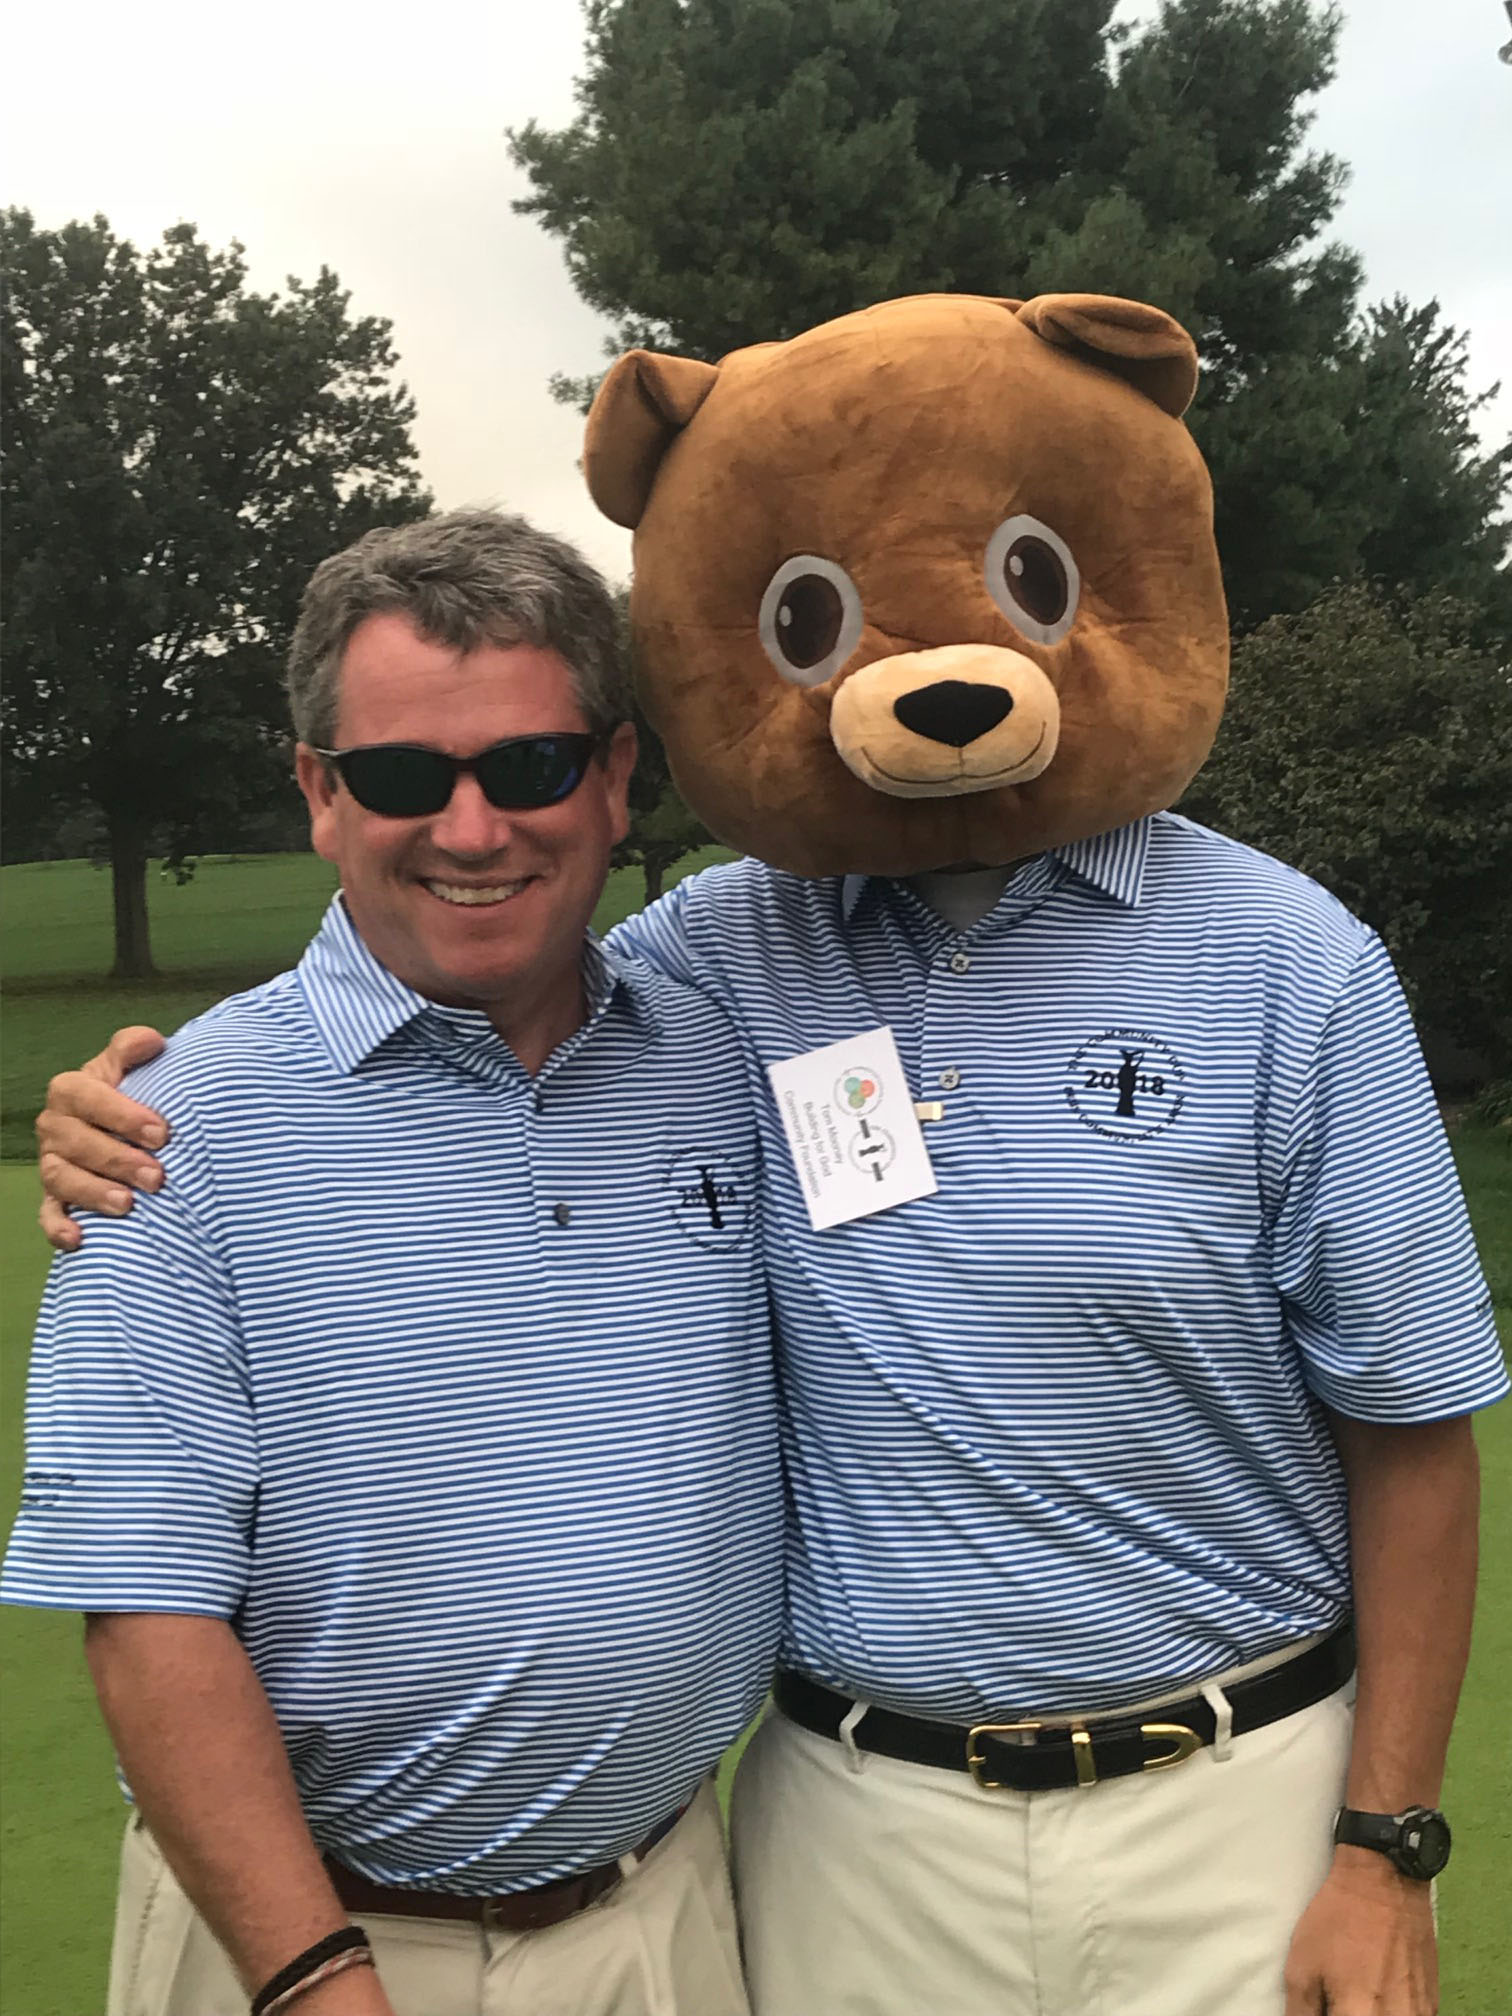 Kevin Cashen_Tom Mooney as the Bear 2018.jpg